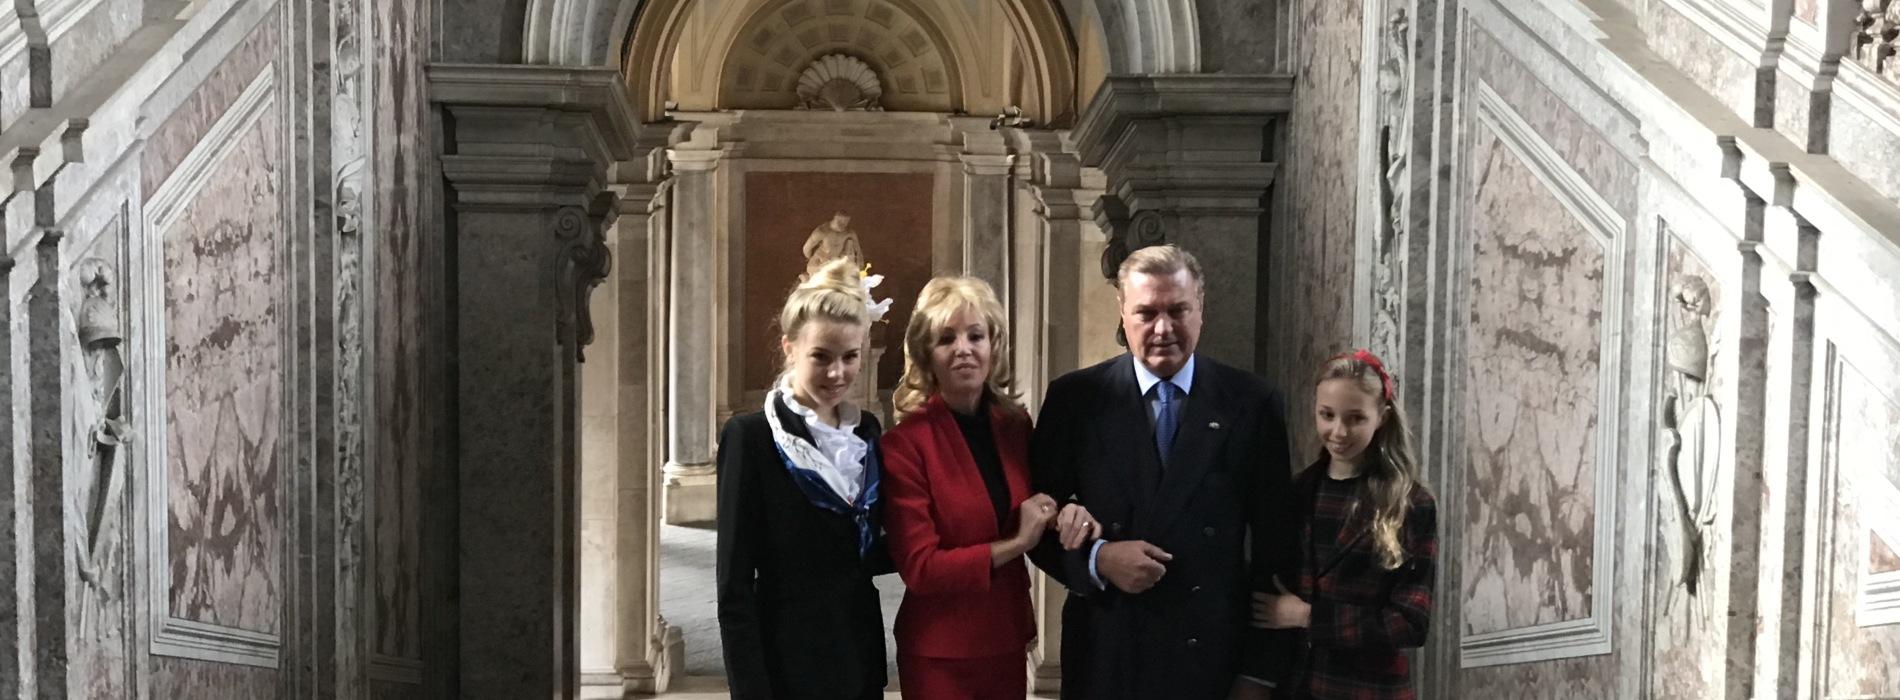 Carlo e Camilla di Borbone alla Reggia di Caserta